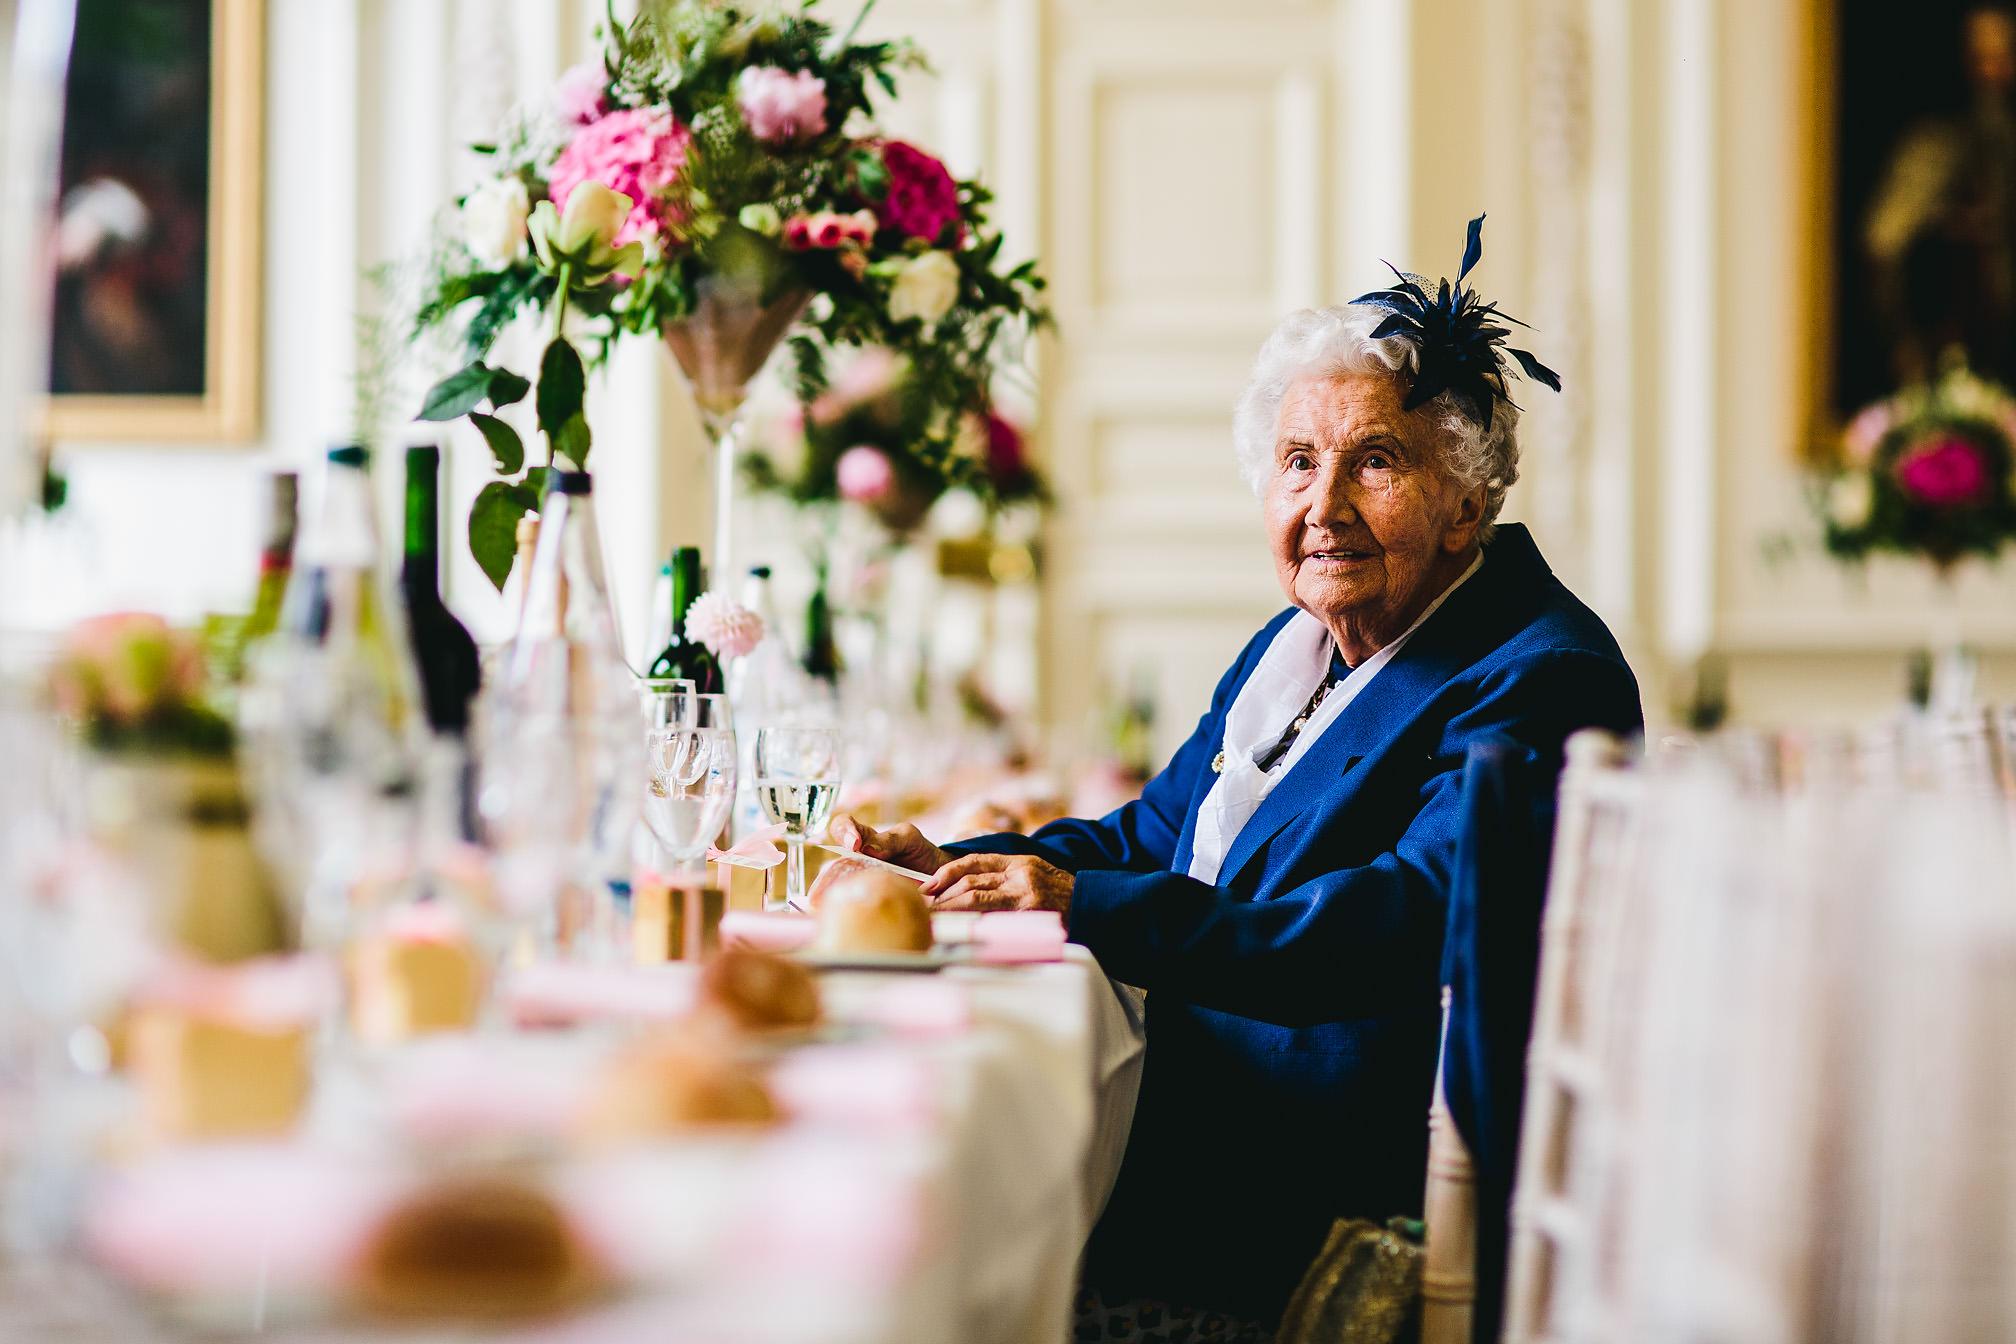 Elderly guest